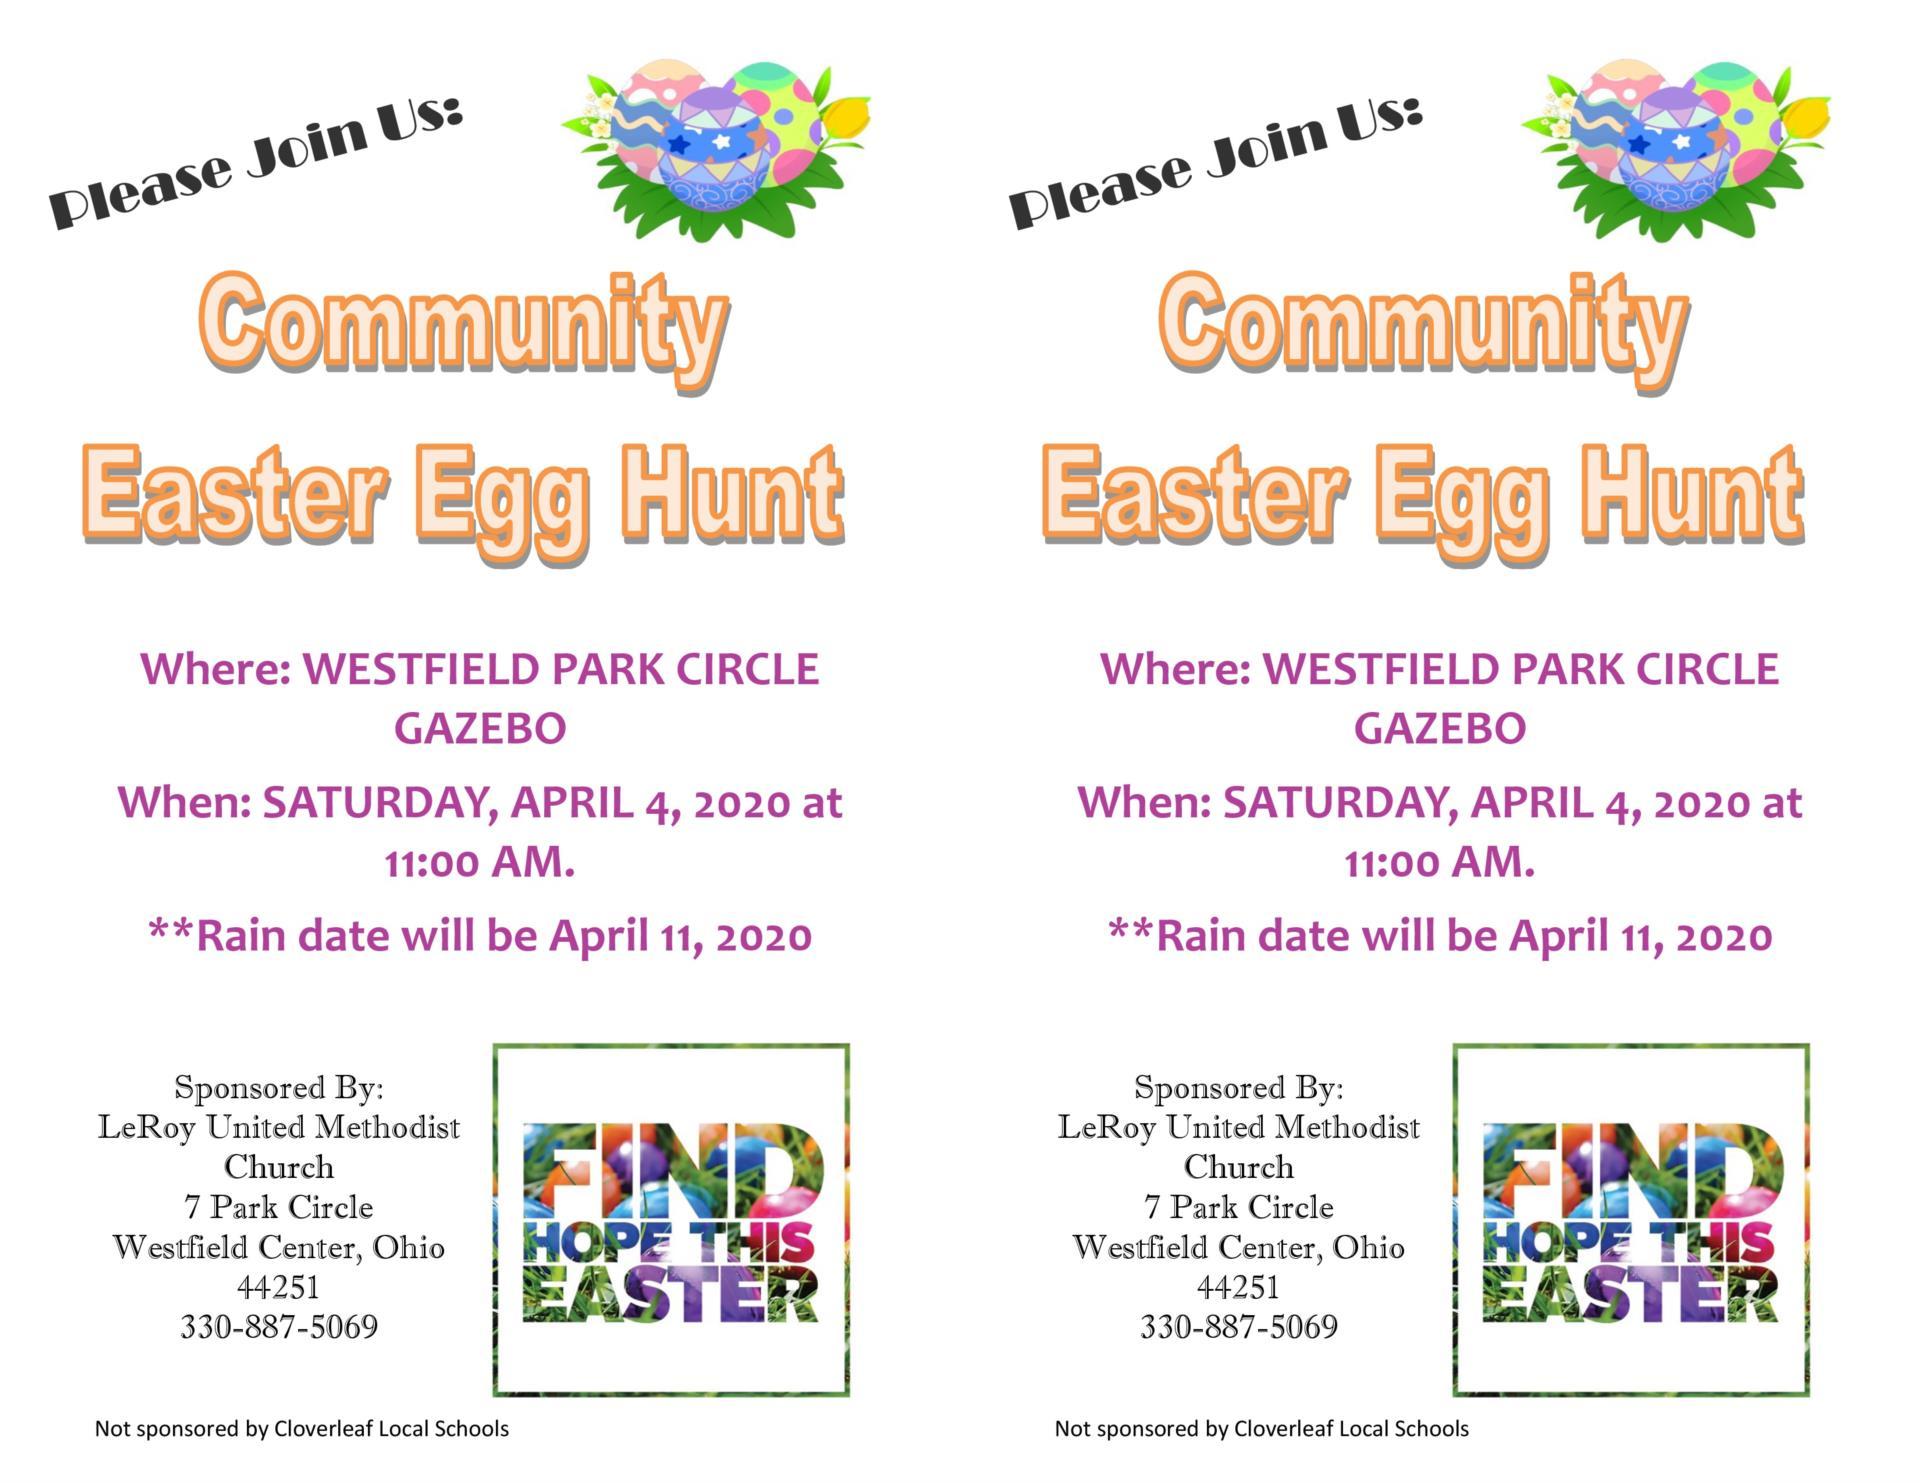 Easter Egg Hunt flyer